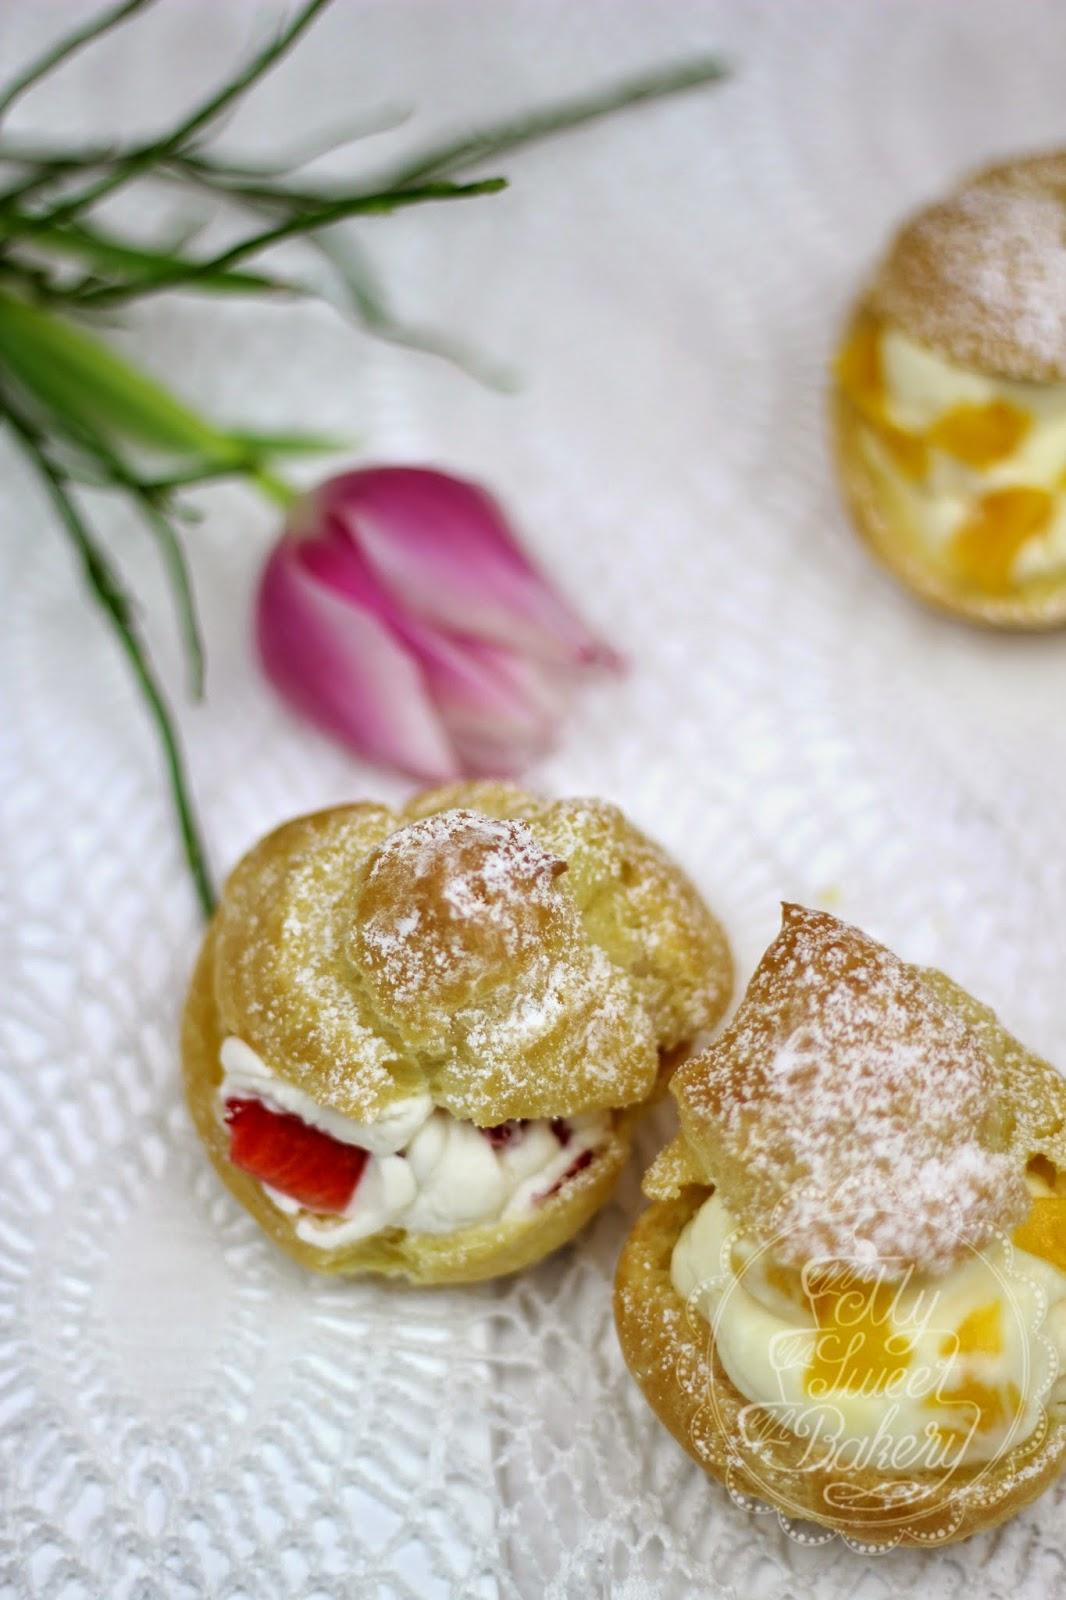 Windbeutel Füllen Ohne Aufschneiden : my sweet bakery windbeutel mit einer erdbeersahne oder ~ Lizthompson.info Haus und Dekorationen